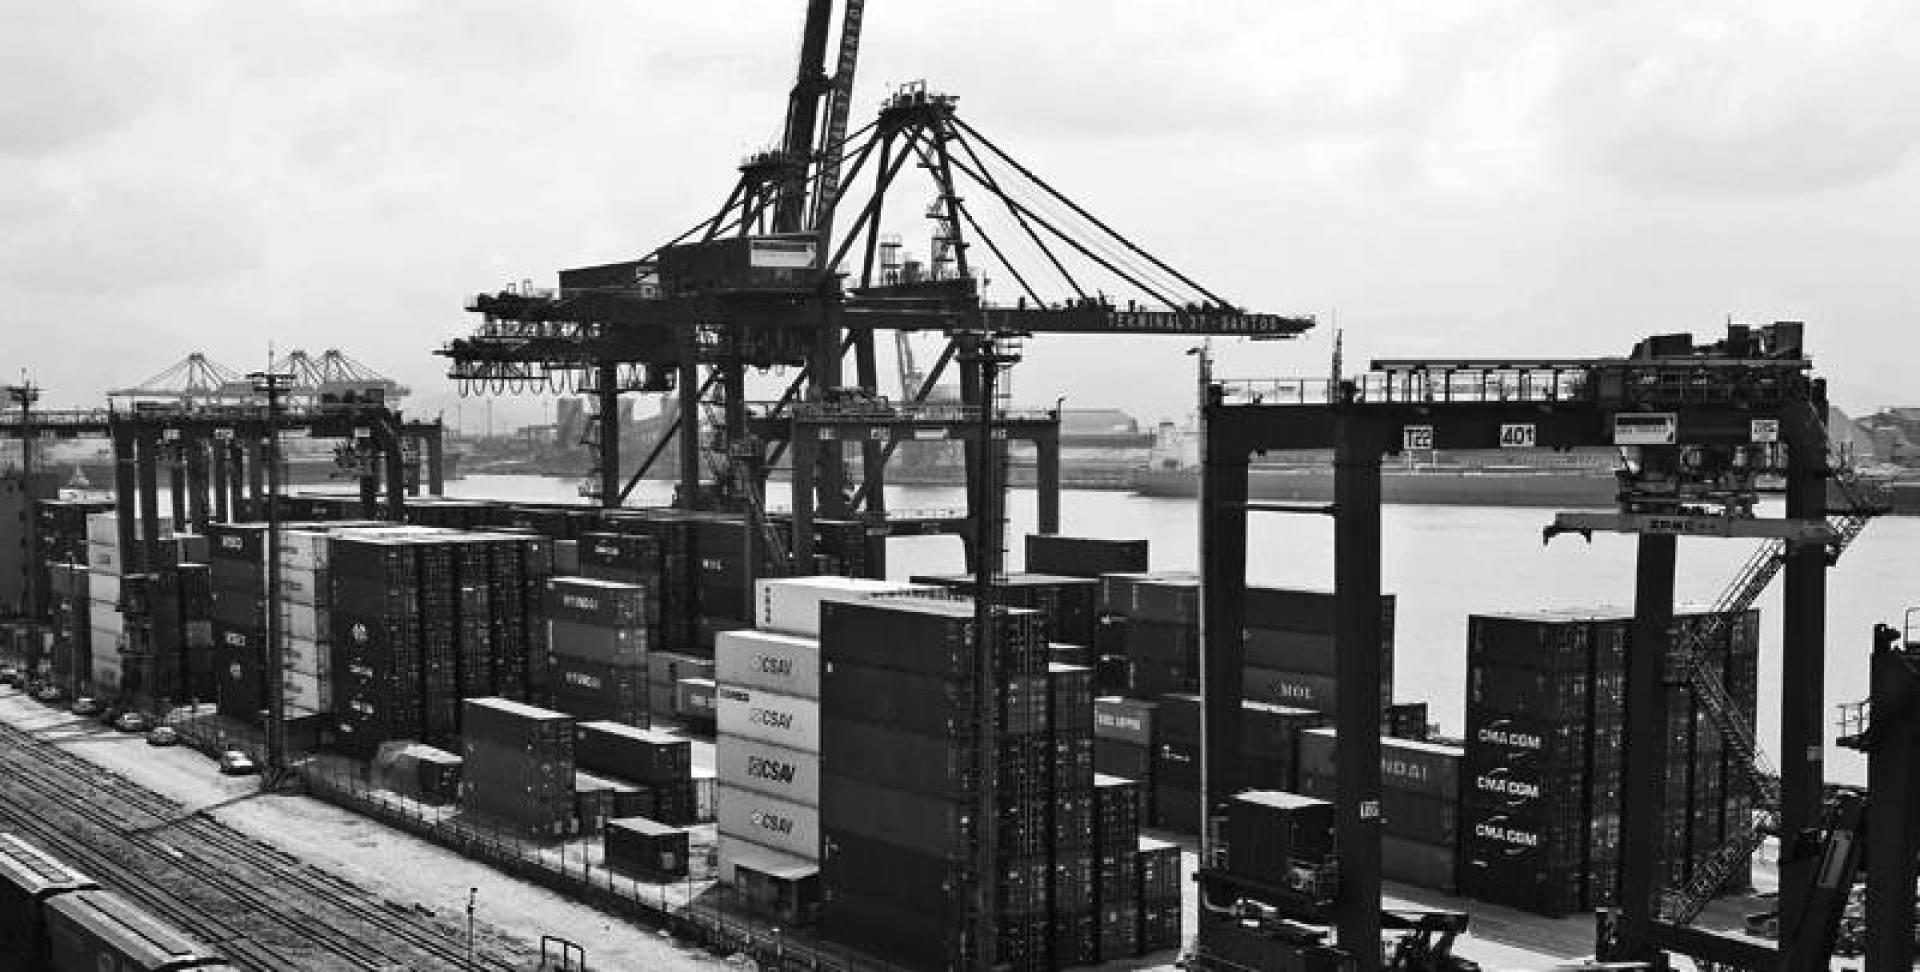 صورة عامة للميناء في مدينة سانتوس بولاية ساو باولو البرازيلية.. أرشيفية